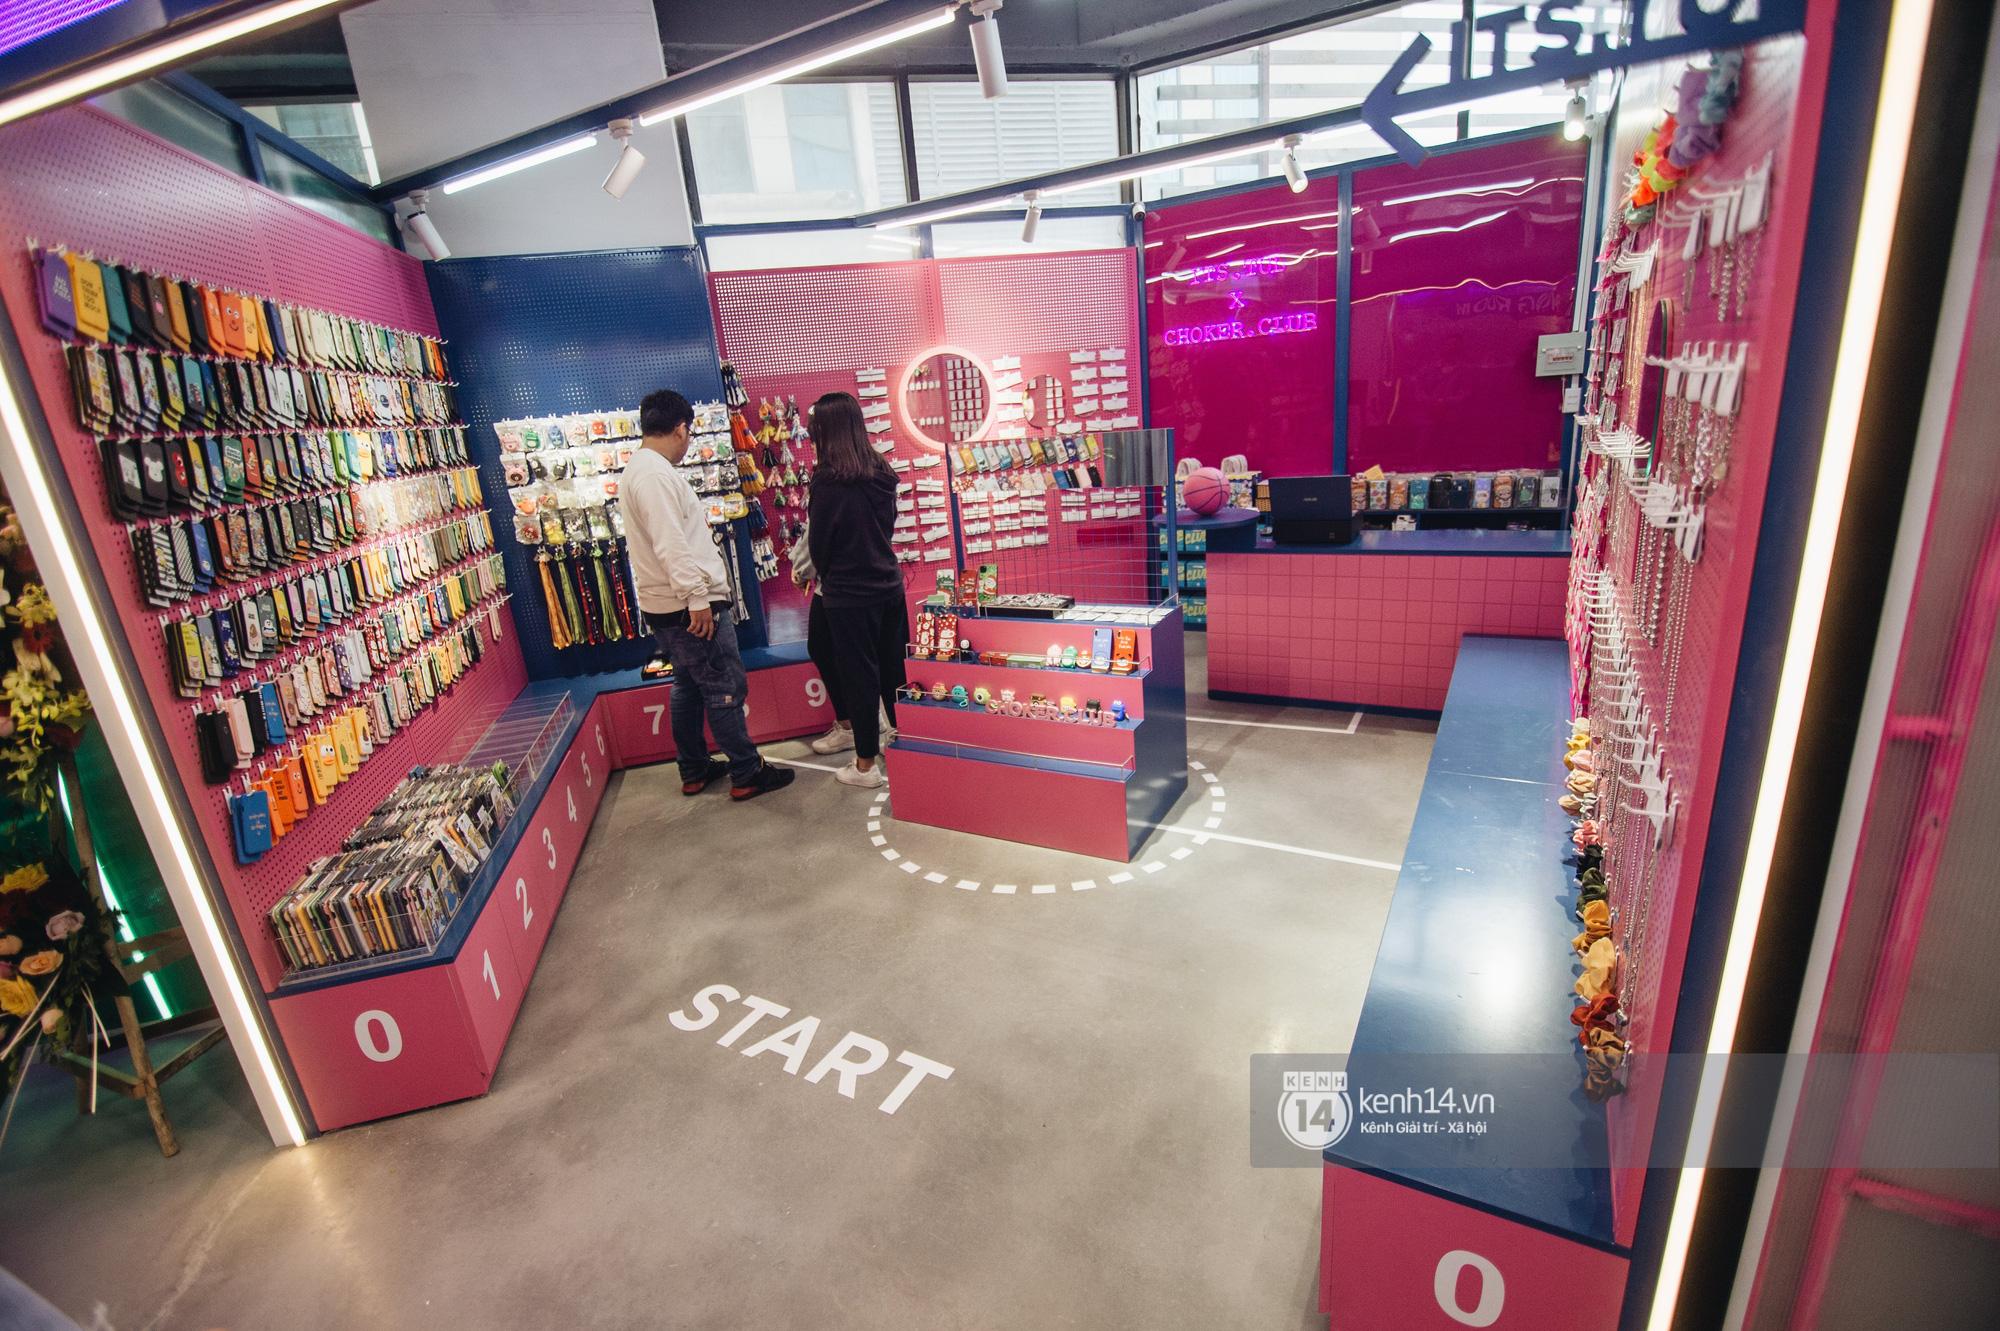 The New Playground: từ khu mua sắm dưới lòng đất ở Sài Gòn đến tổ hợp shopping trên cao cực trất dành cho giới trẻ Hà Nội - Ảnh 2.